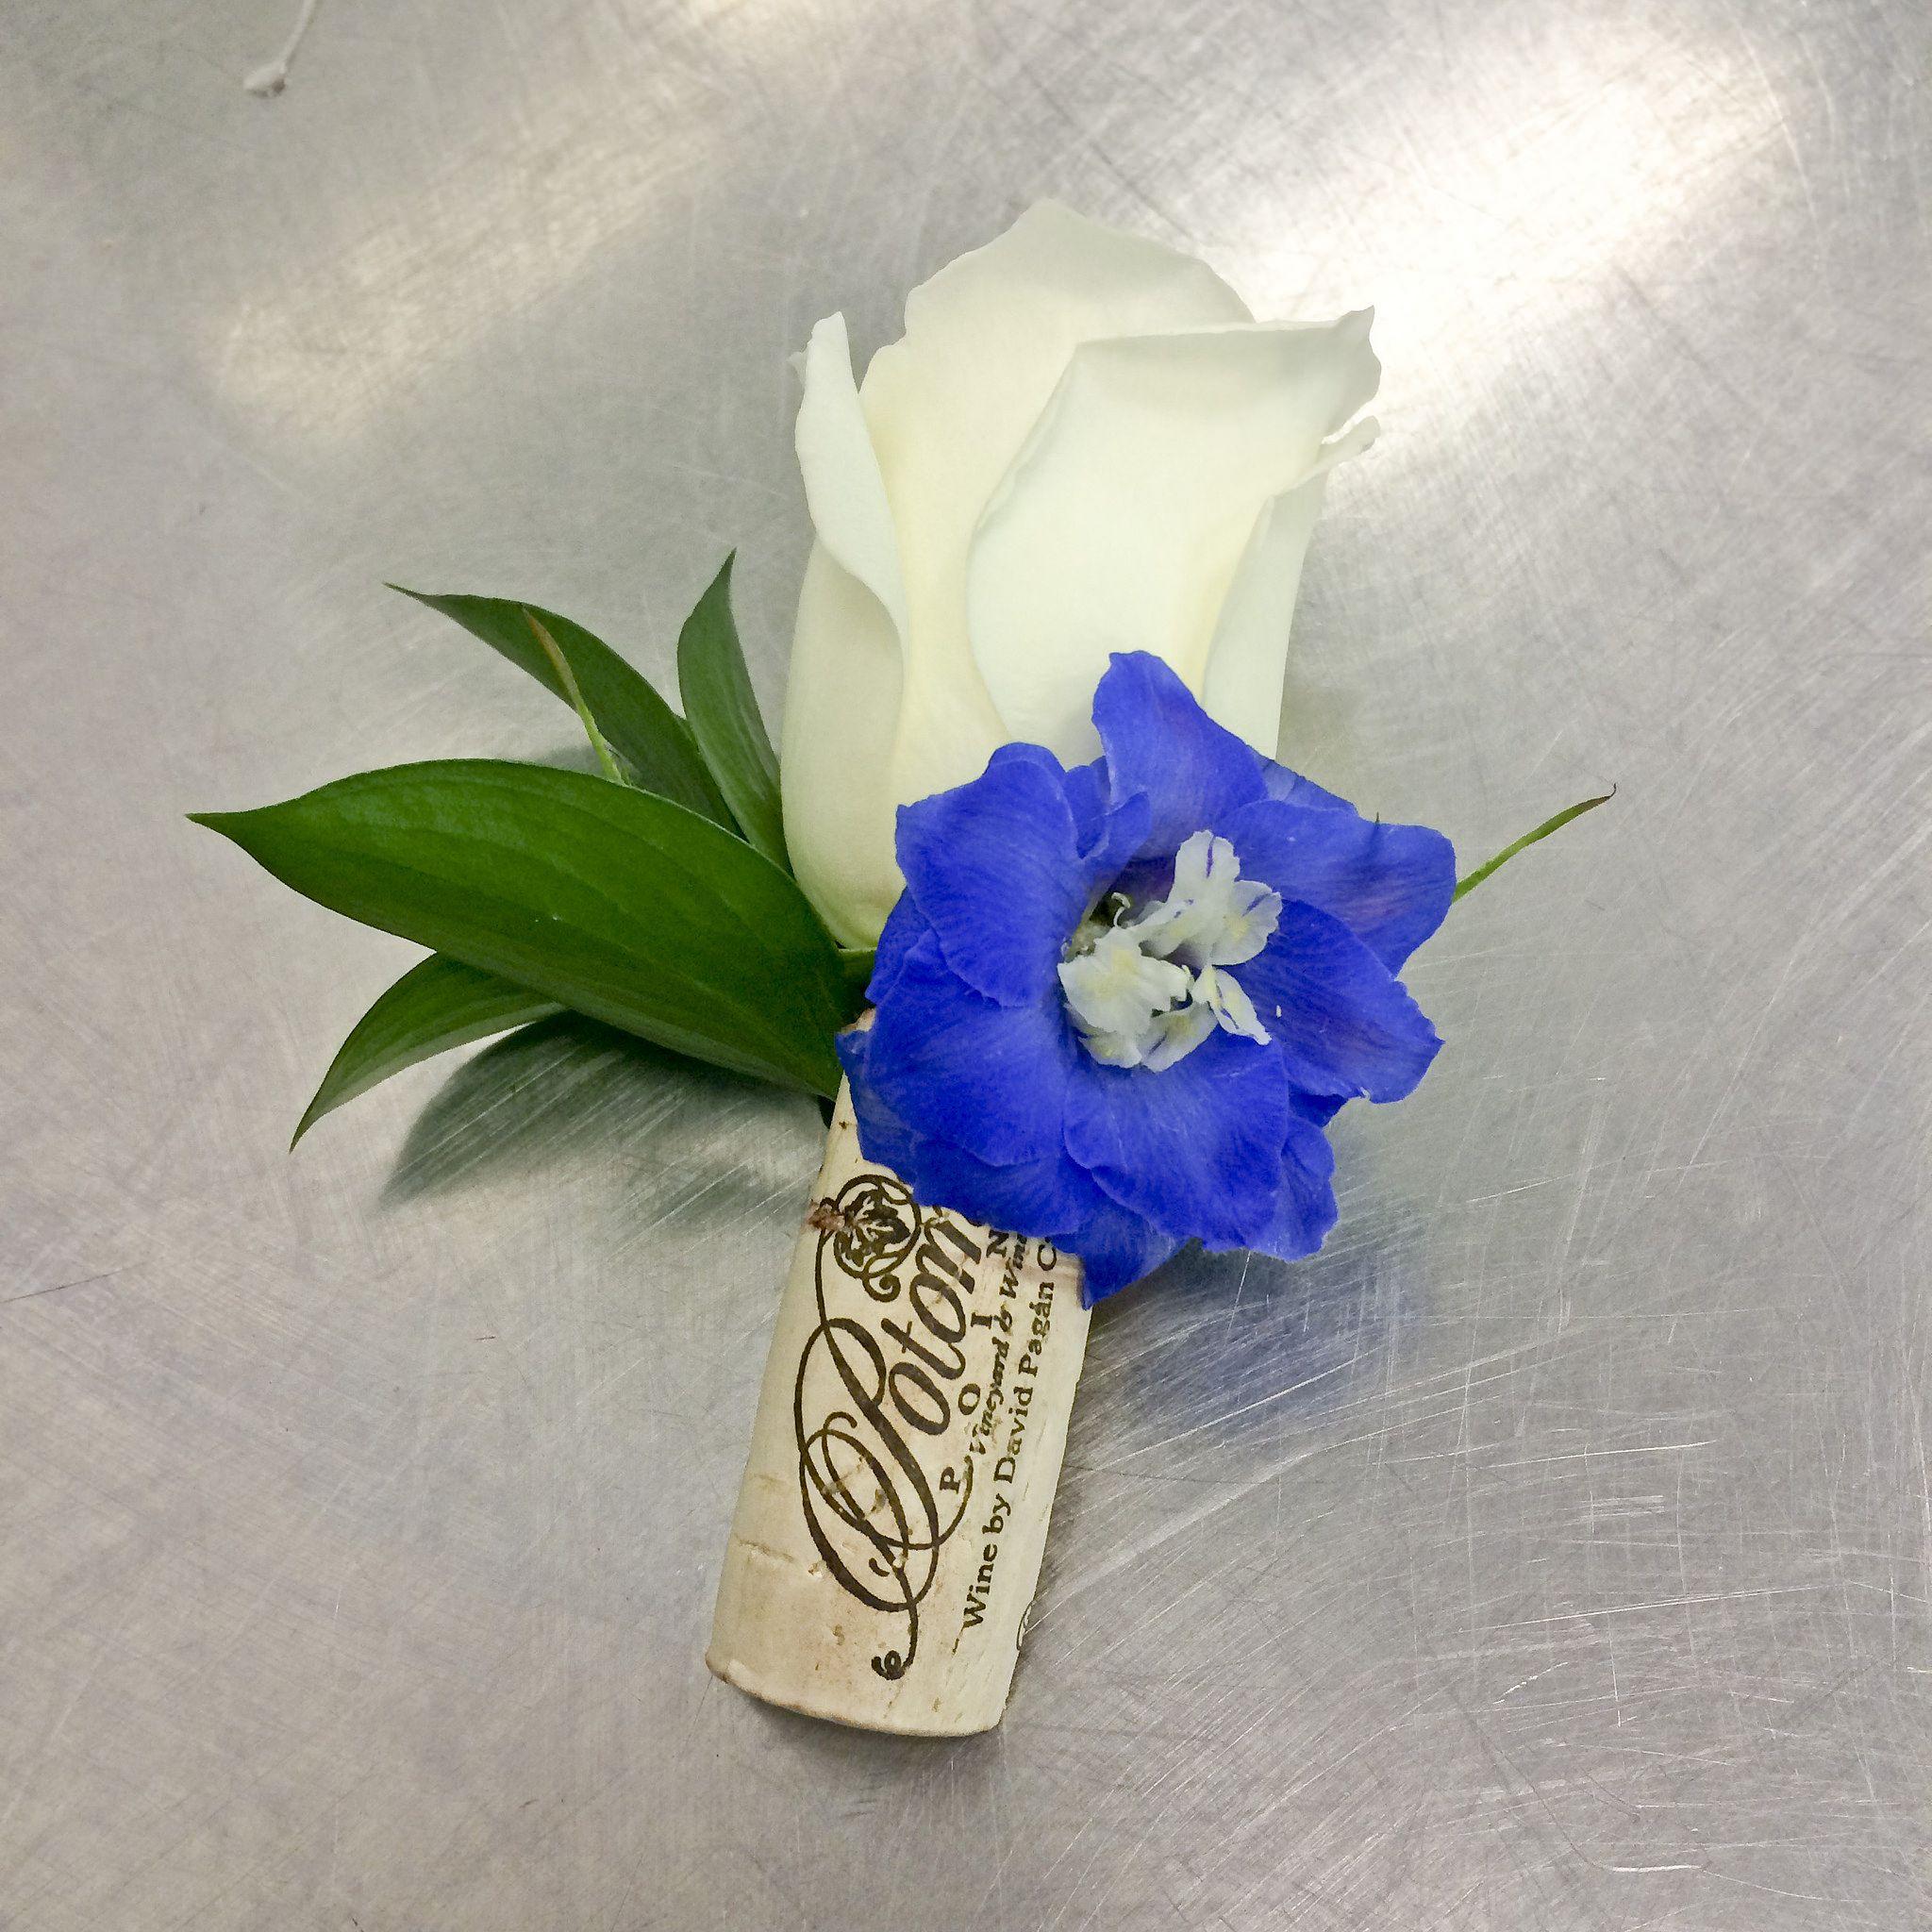 Cork Boutonniere: Cork Boutonniere, Wedding Flowers